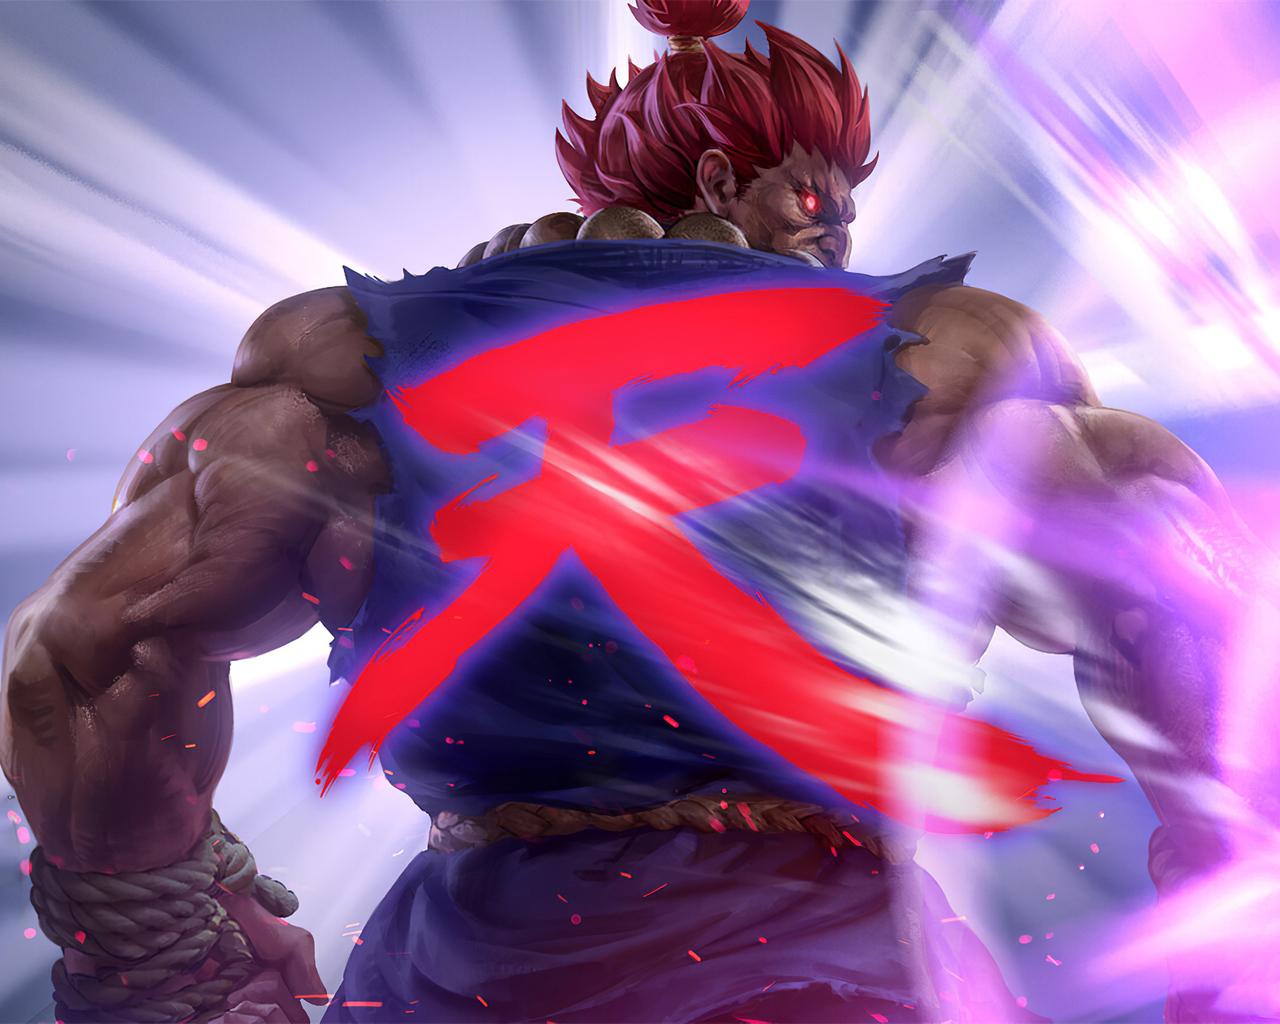 1280x1024 4k Artwork Akuma Street Fighter 1280x1024 ...